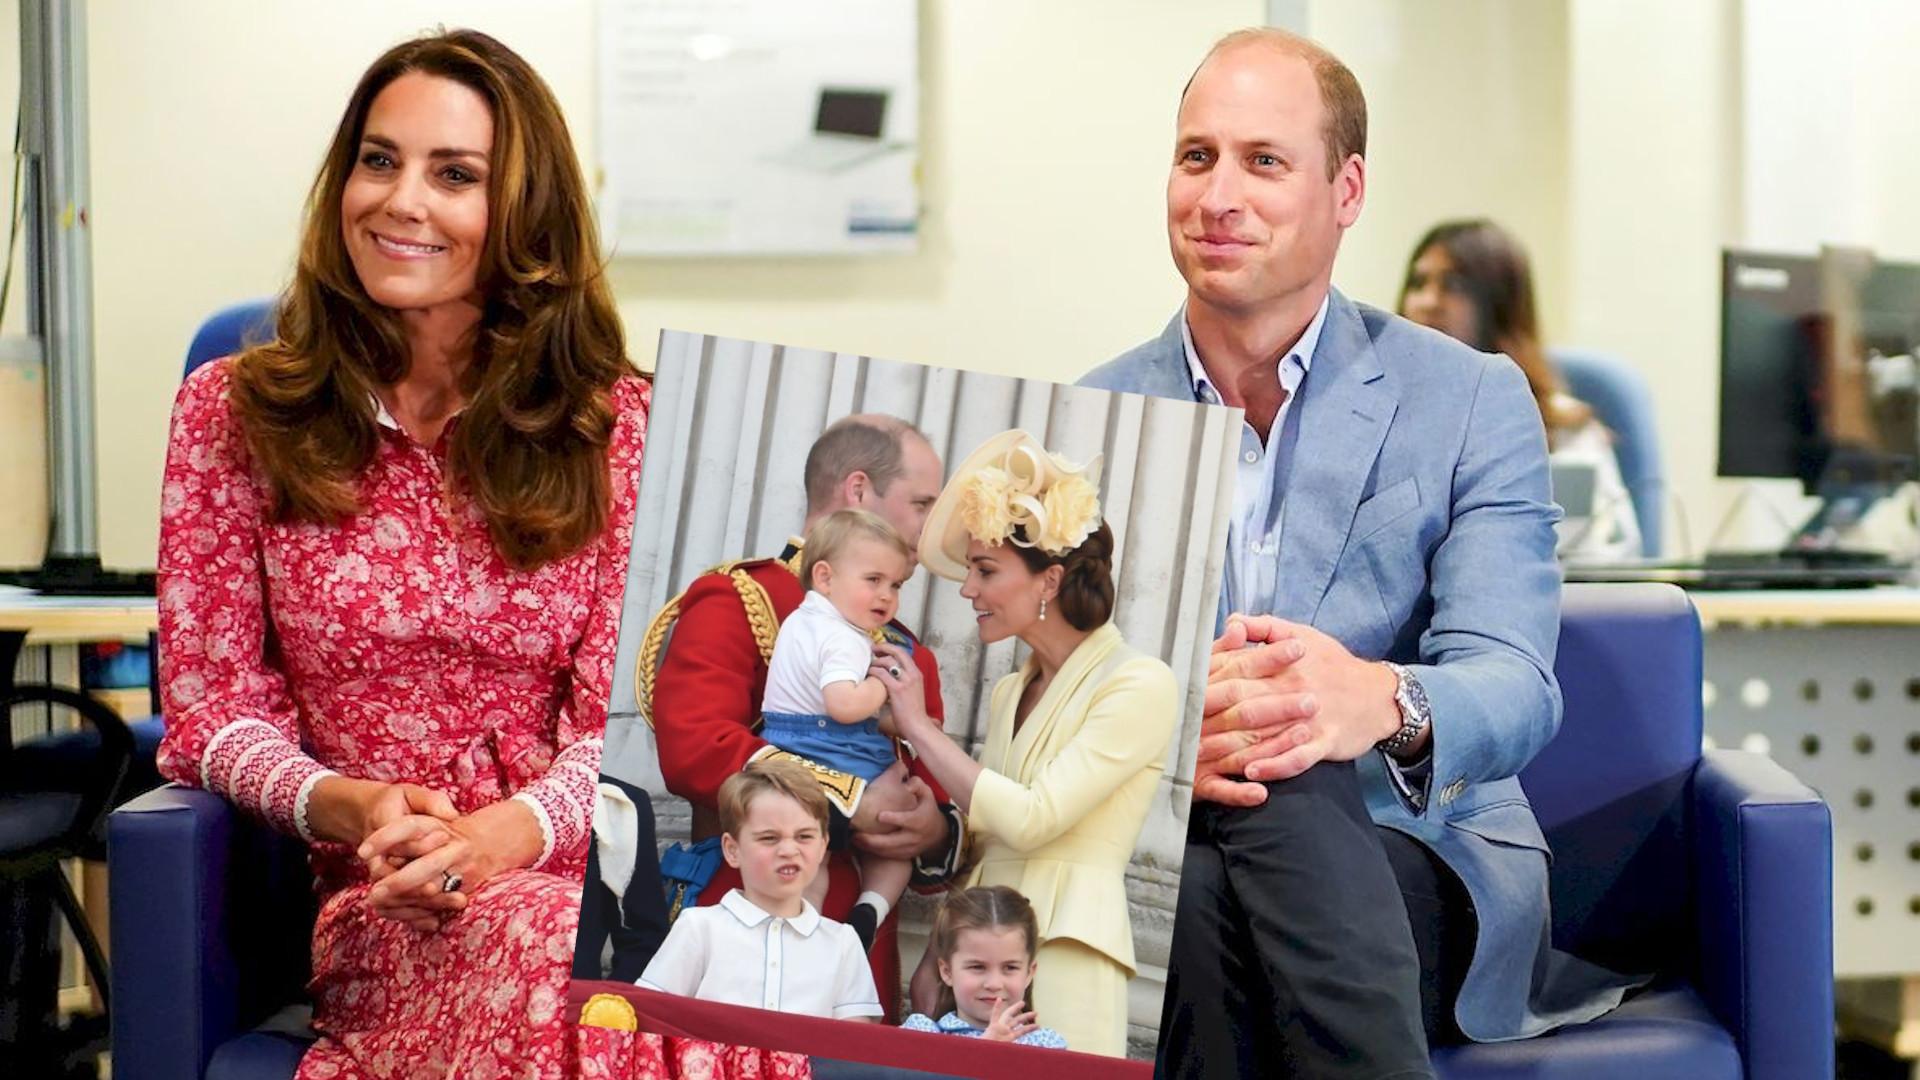 Książę William zdradził, czym interesują się jego synowie. Wtrąciła się Kate